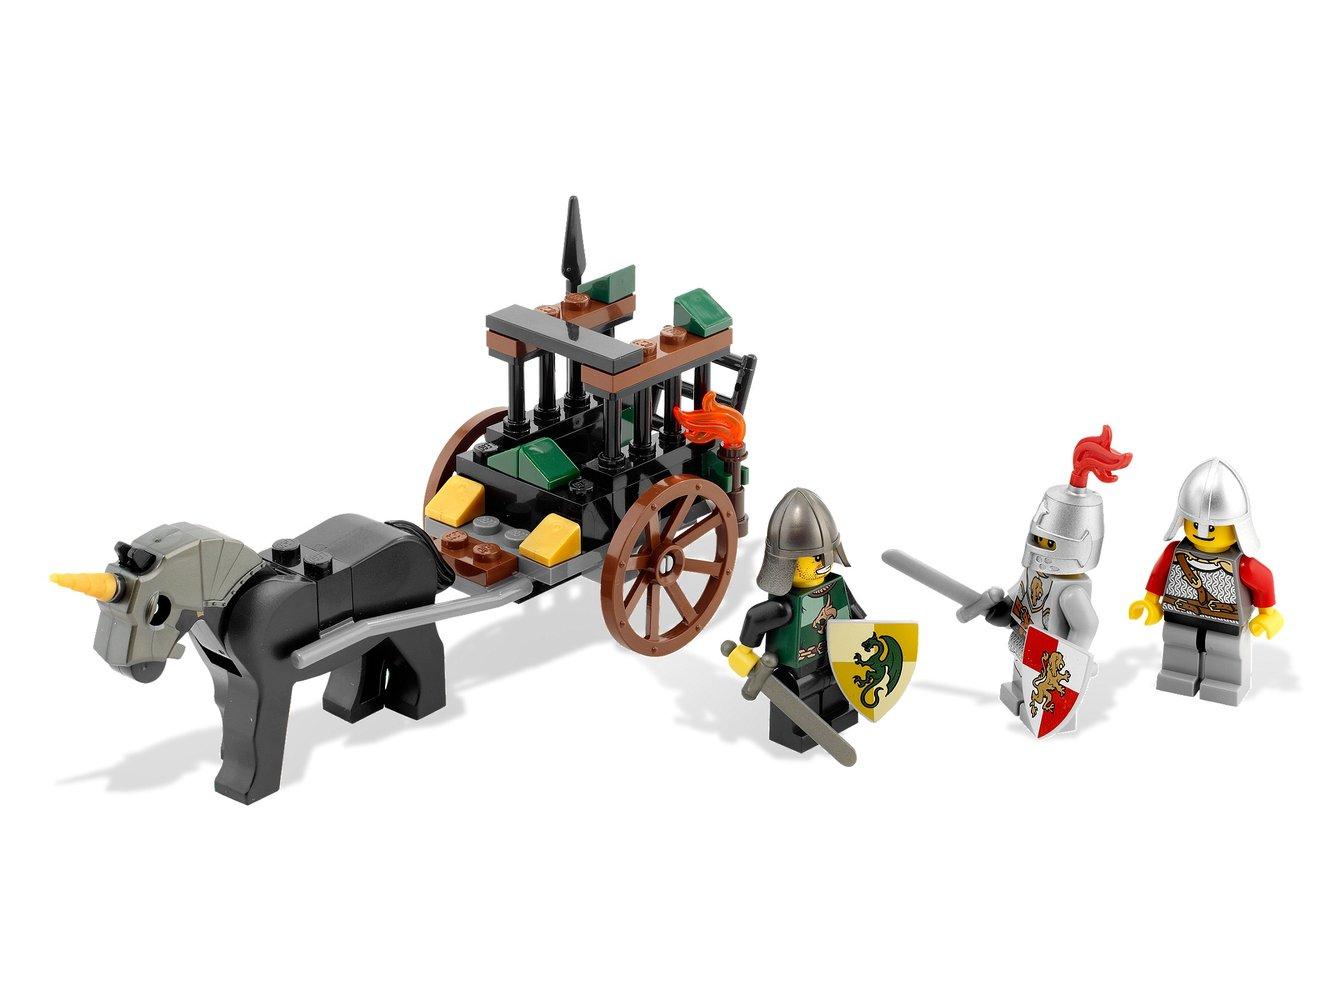 Prison Carriage Rescue